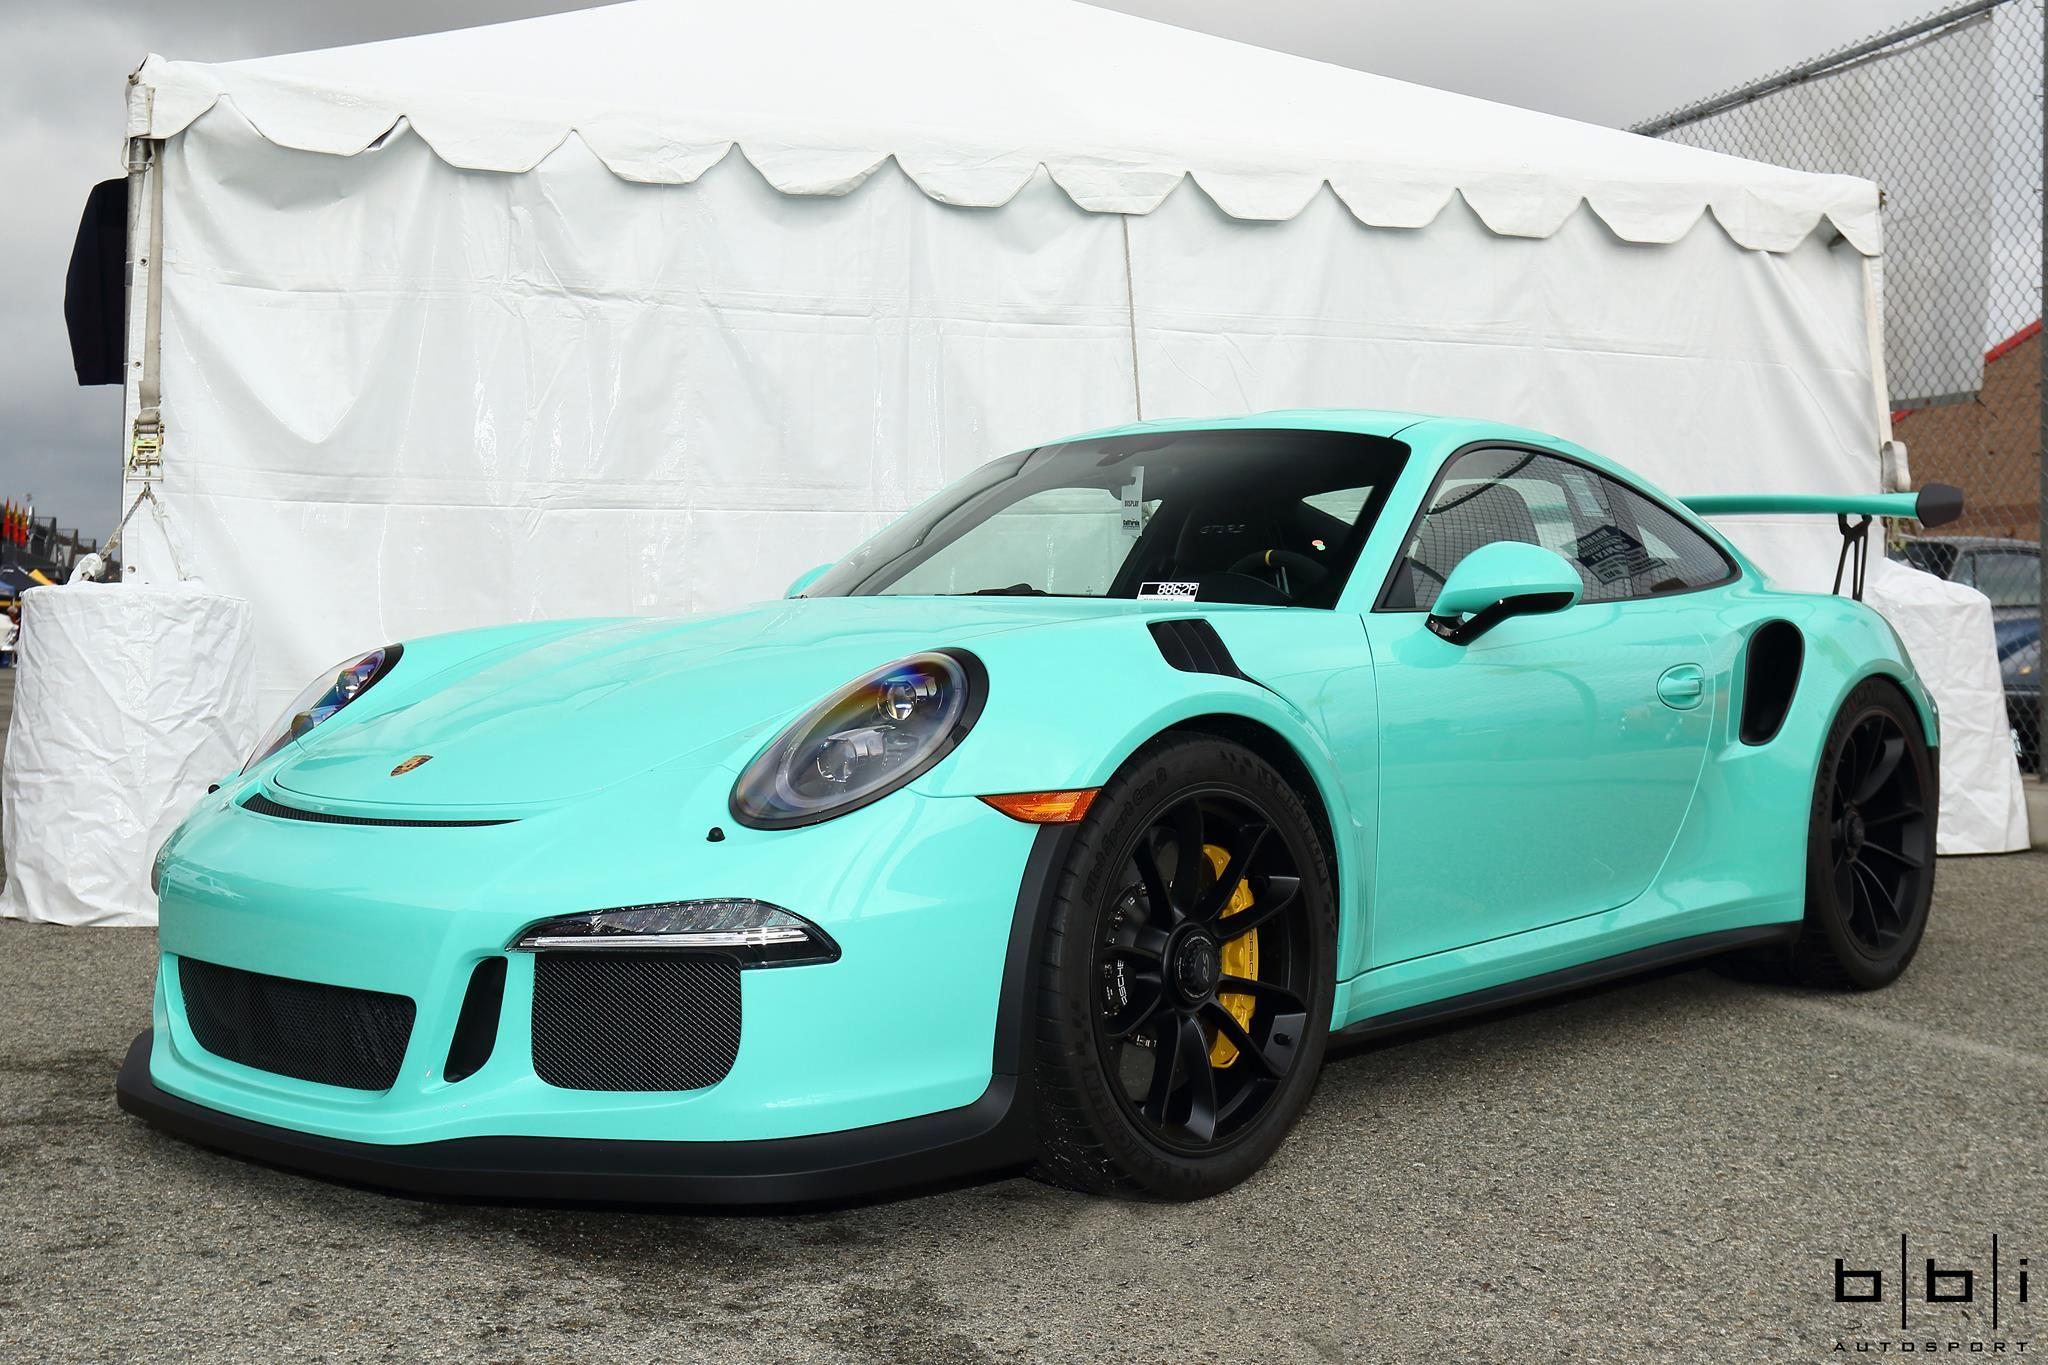 http://gtspirit.com/wp-content/uploads/2016/05/002_Porsche-911-GT3-RS.jpg